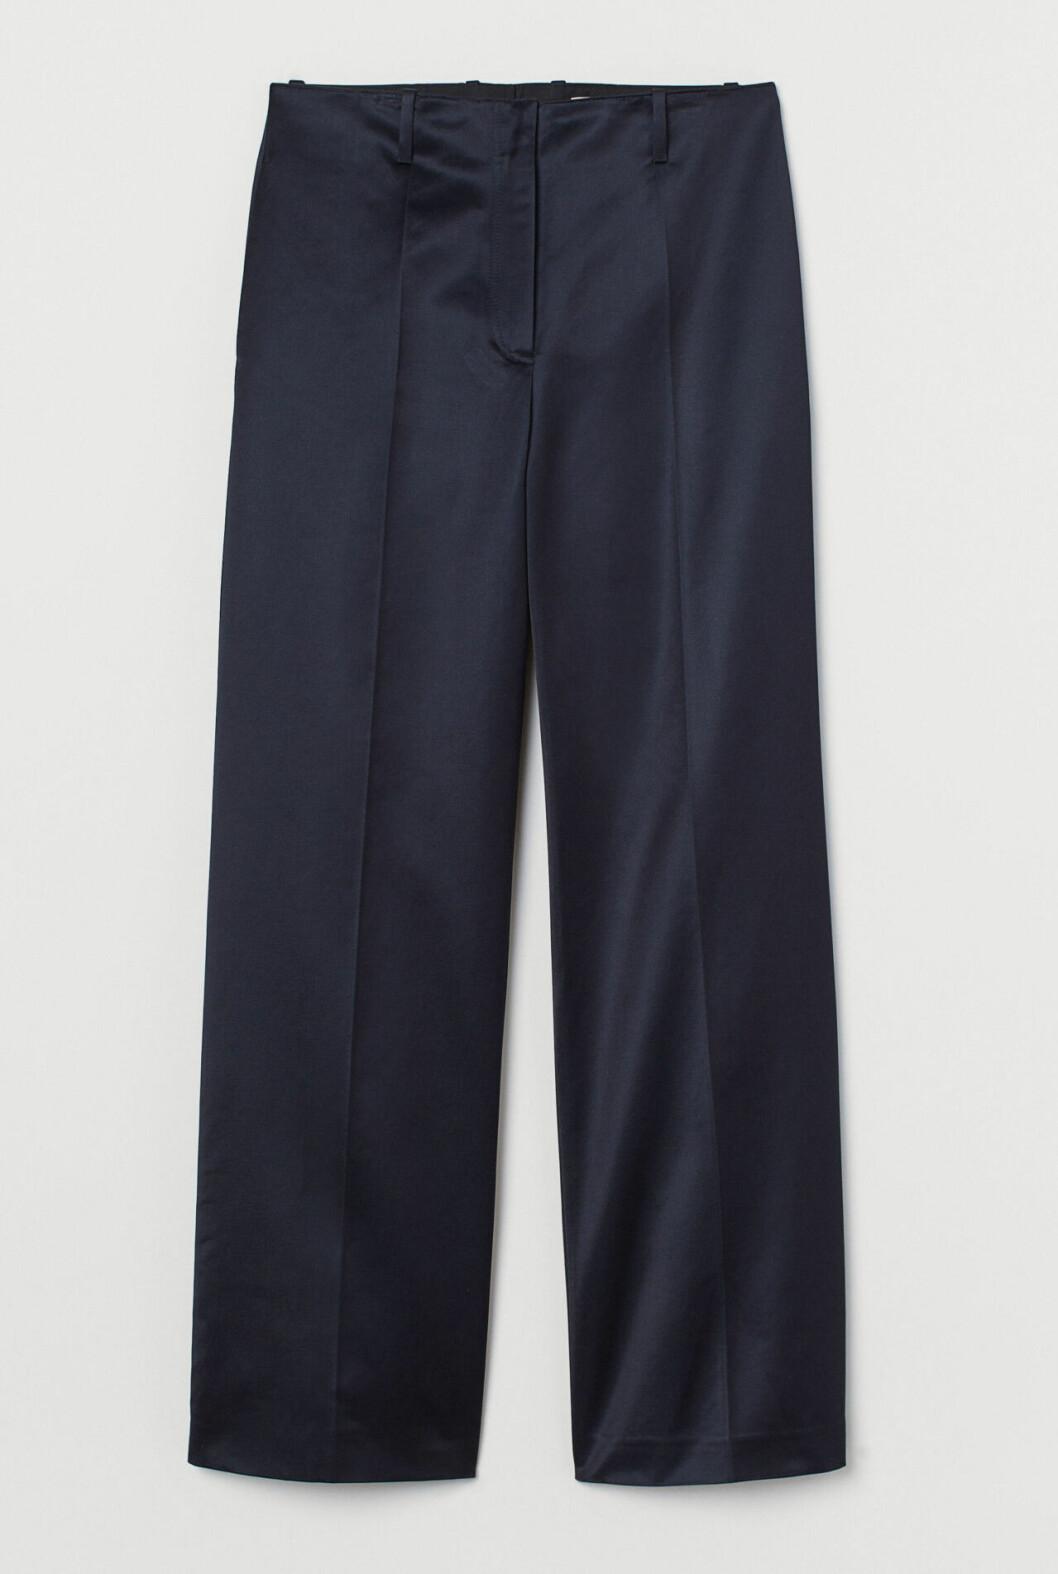 Blå kostymbyxor för dam till 2019